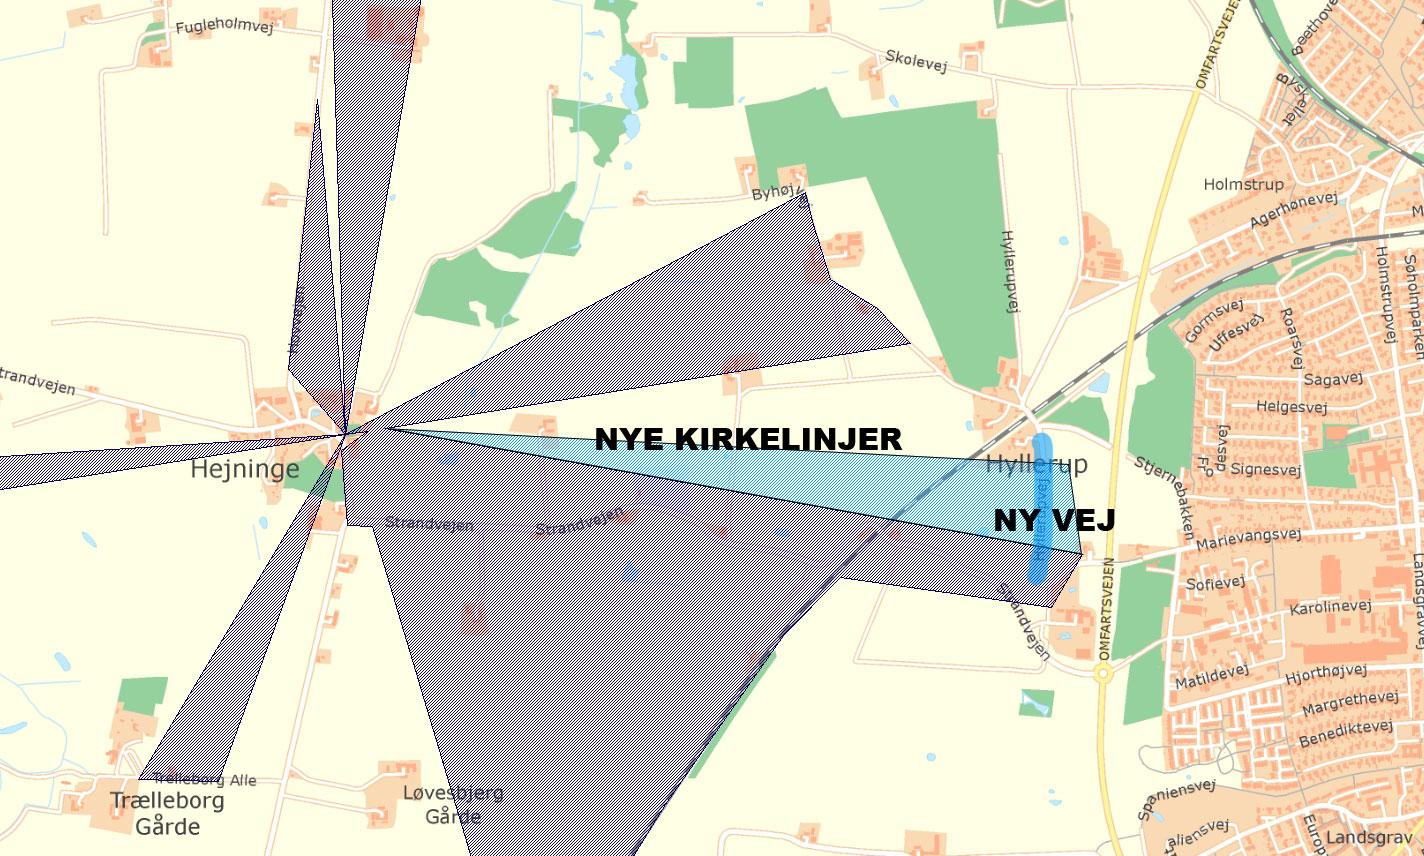 Ny vejføring af Hyllerupvej og med nyt forslag til kirkelinjer.